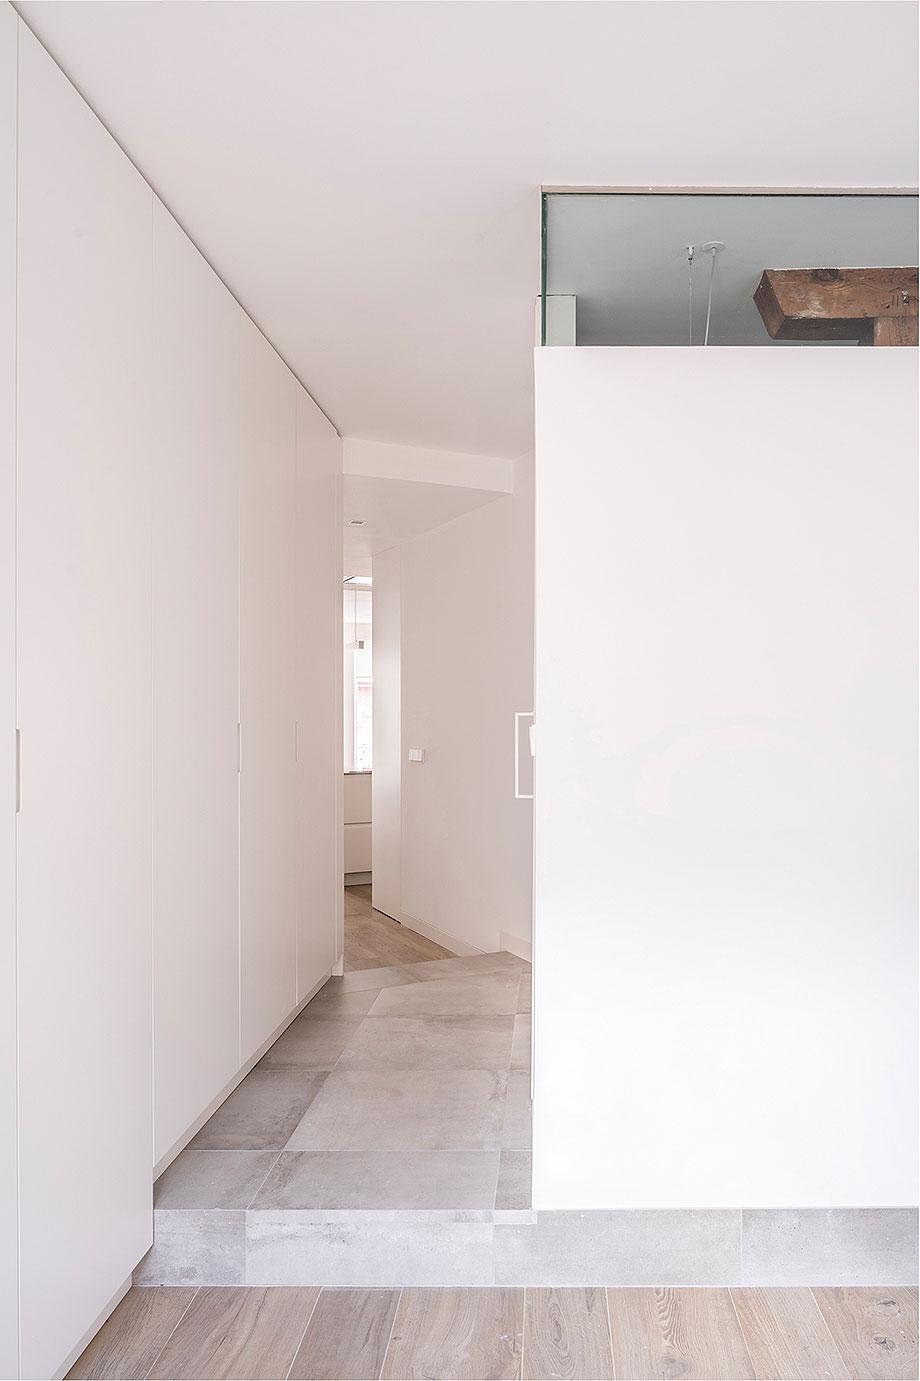 reforma en valladolid de made.v arquitectos (3) - foto javier bravo